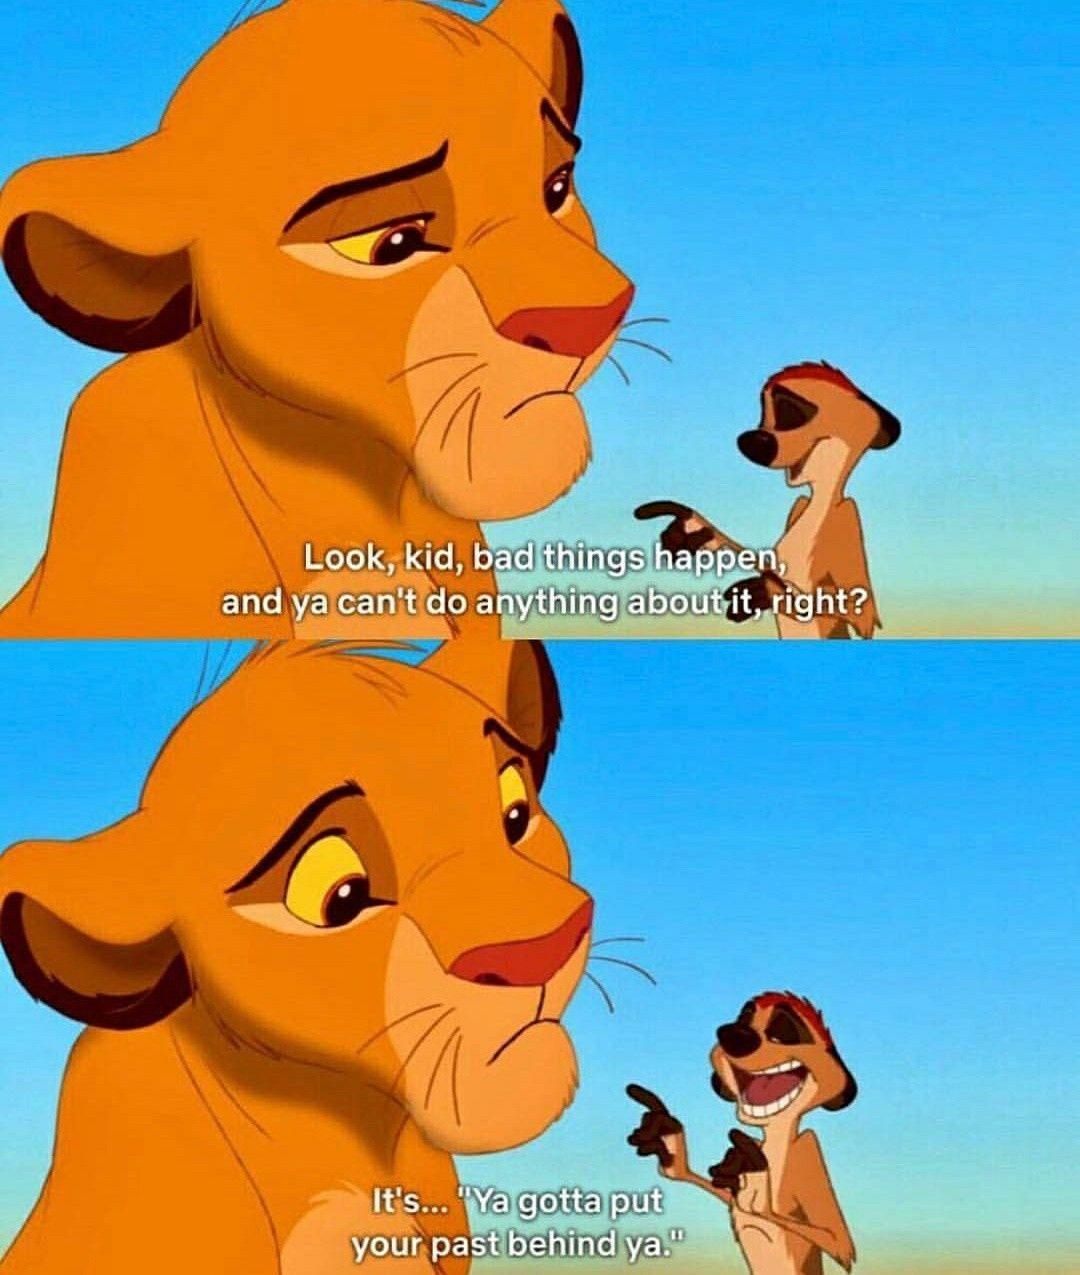 Hakuna Matata Timon Disney Quote Lion King Lion King Meme Lion King Movie